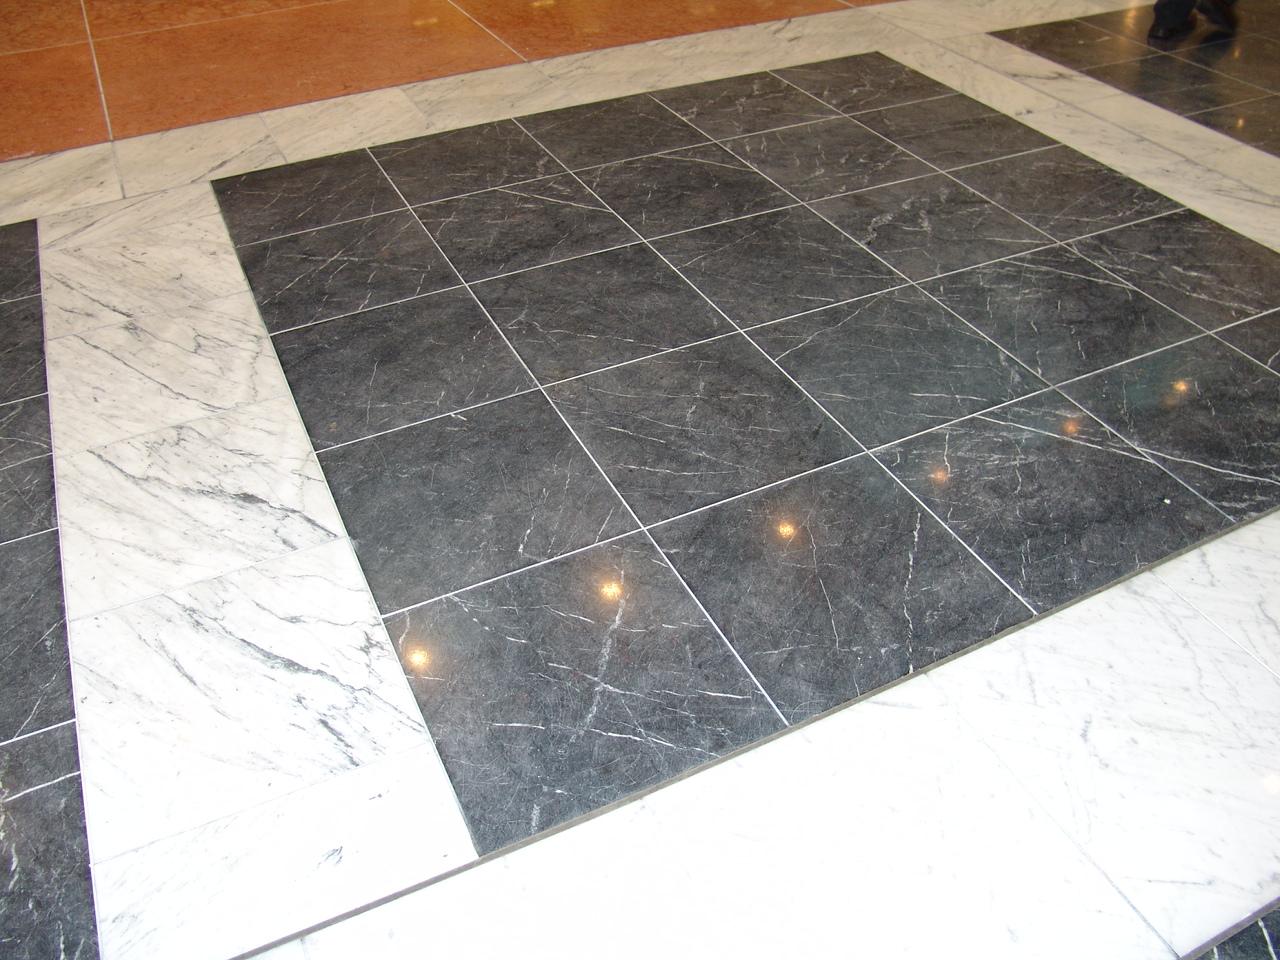 Foto bellissimi pavimenti di marmo prezzi da ingrosso - Foto pavimenti ...